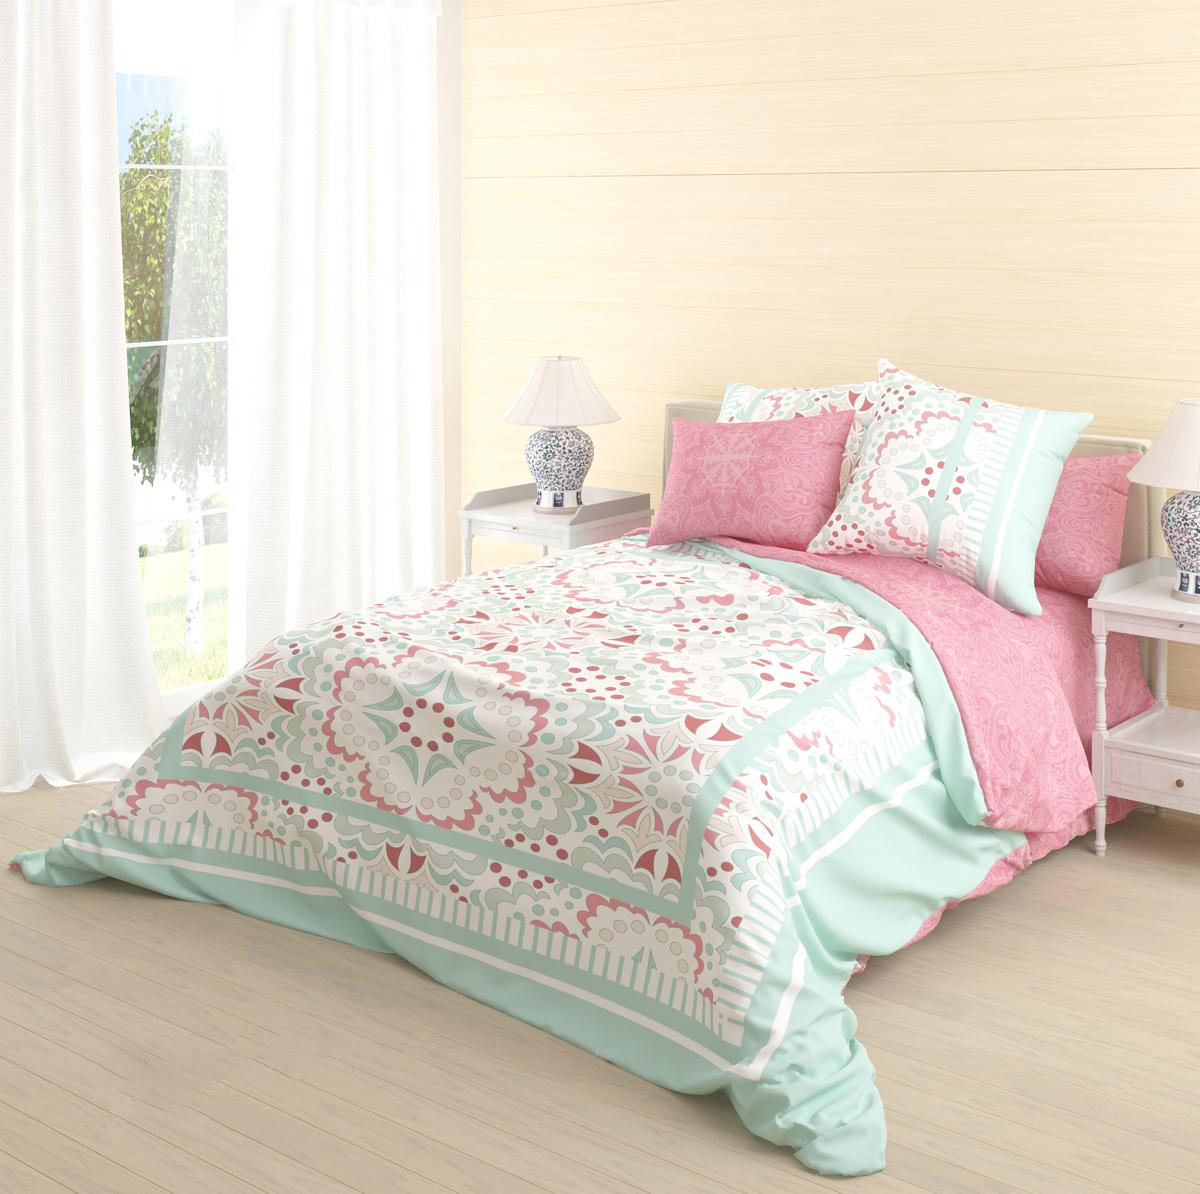 Комплект белья Волшебная ночь Terem, 2-спальный, наволочки 50х70 см718586Роскошный комплект постельного белья Волшебная ночь Terem выполнен из натурального ранфорса (100% хлопка) и оформлен оригинальным рисунком. Комплект состоит из пододеяльника, простыни и двух наволочек.Ранфорс - это новая современная гипоаллергенная ткань из натуральных хлопковых волокон, которая прекрасно впитывает влагу, очень проста в уходе, а за счет высокой прочности способна выдерживать большое количество стирок. Высочайшее качество материала гарантирует безопасность.